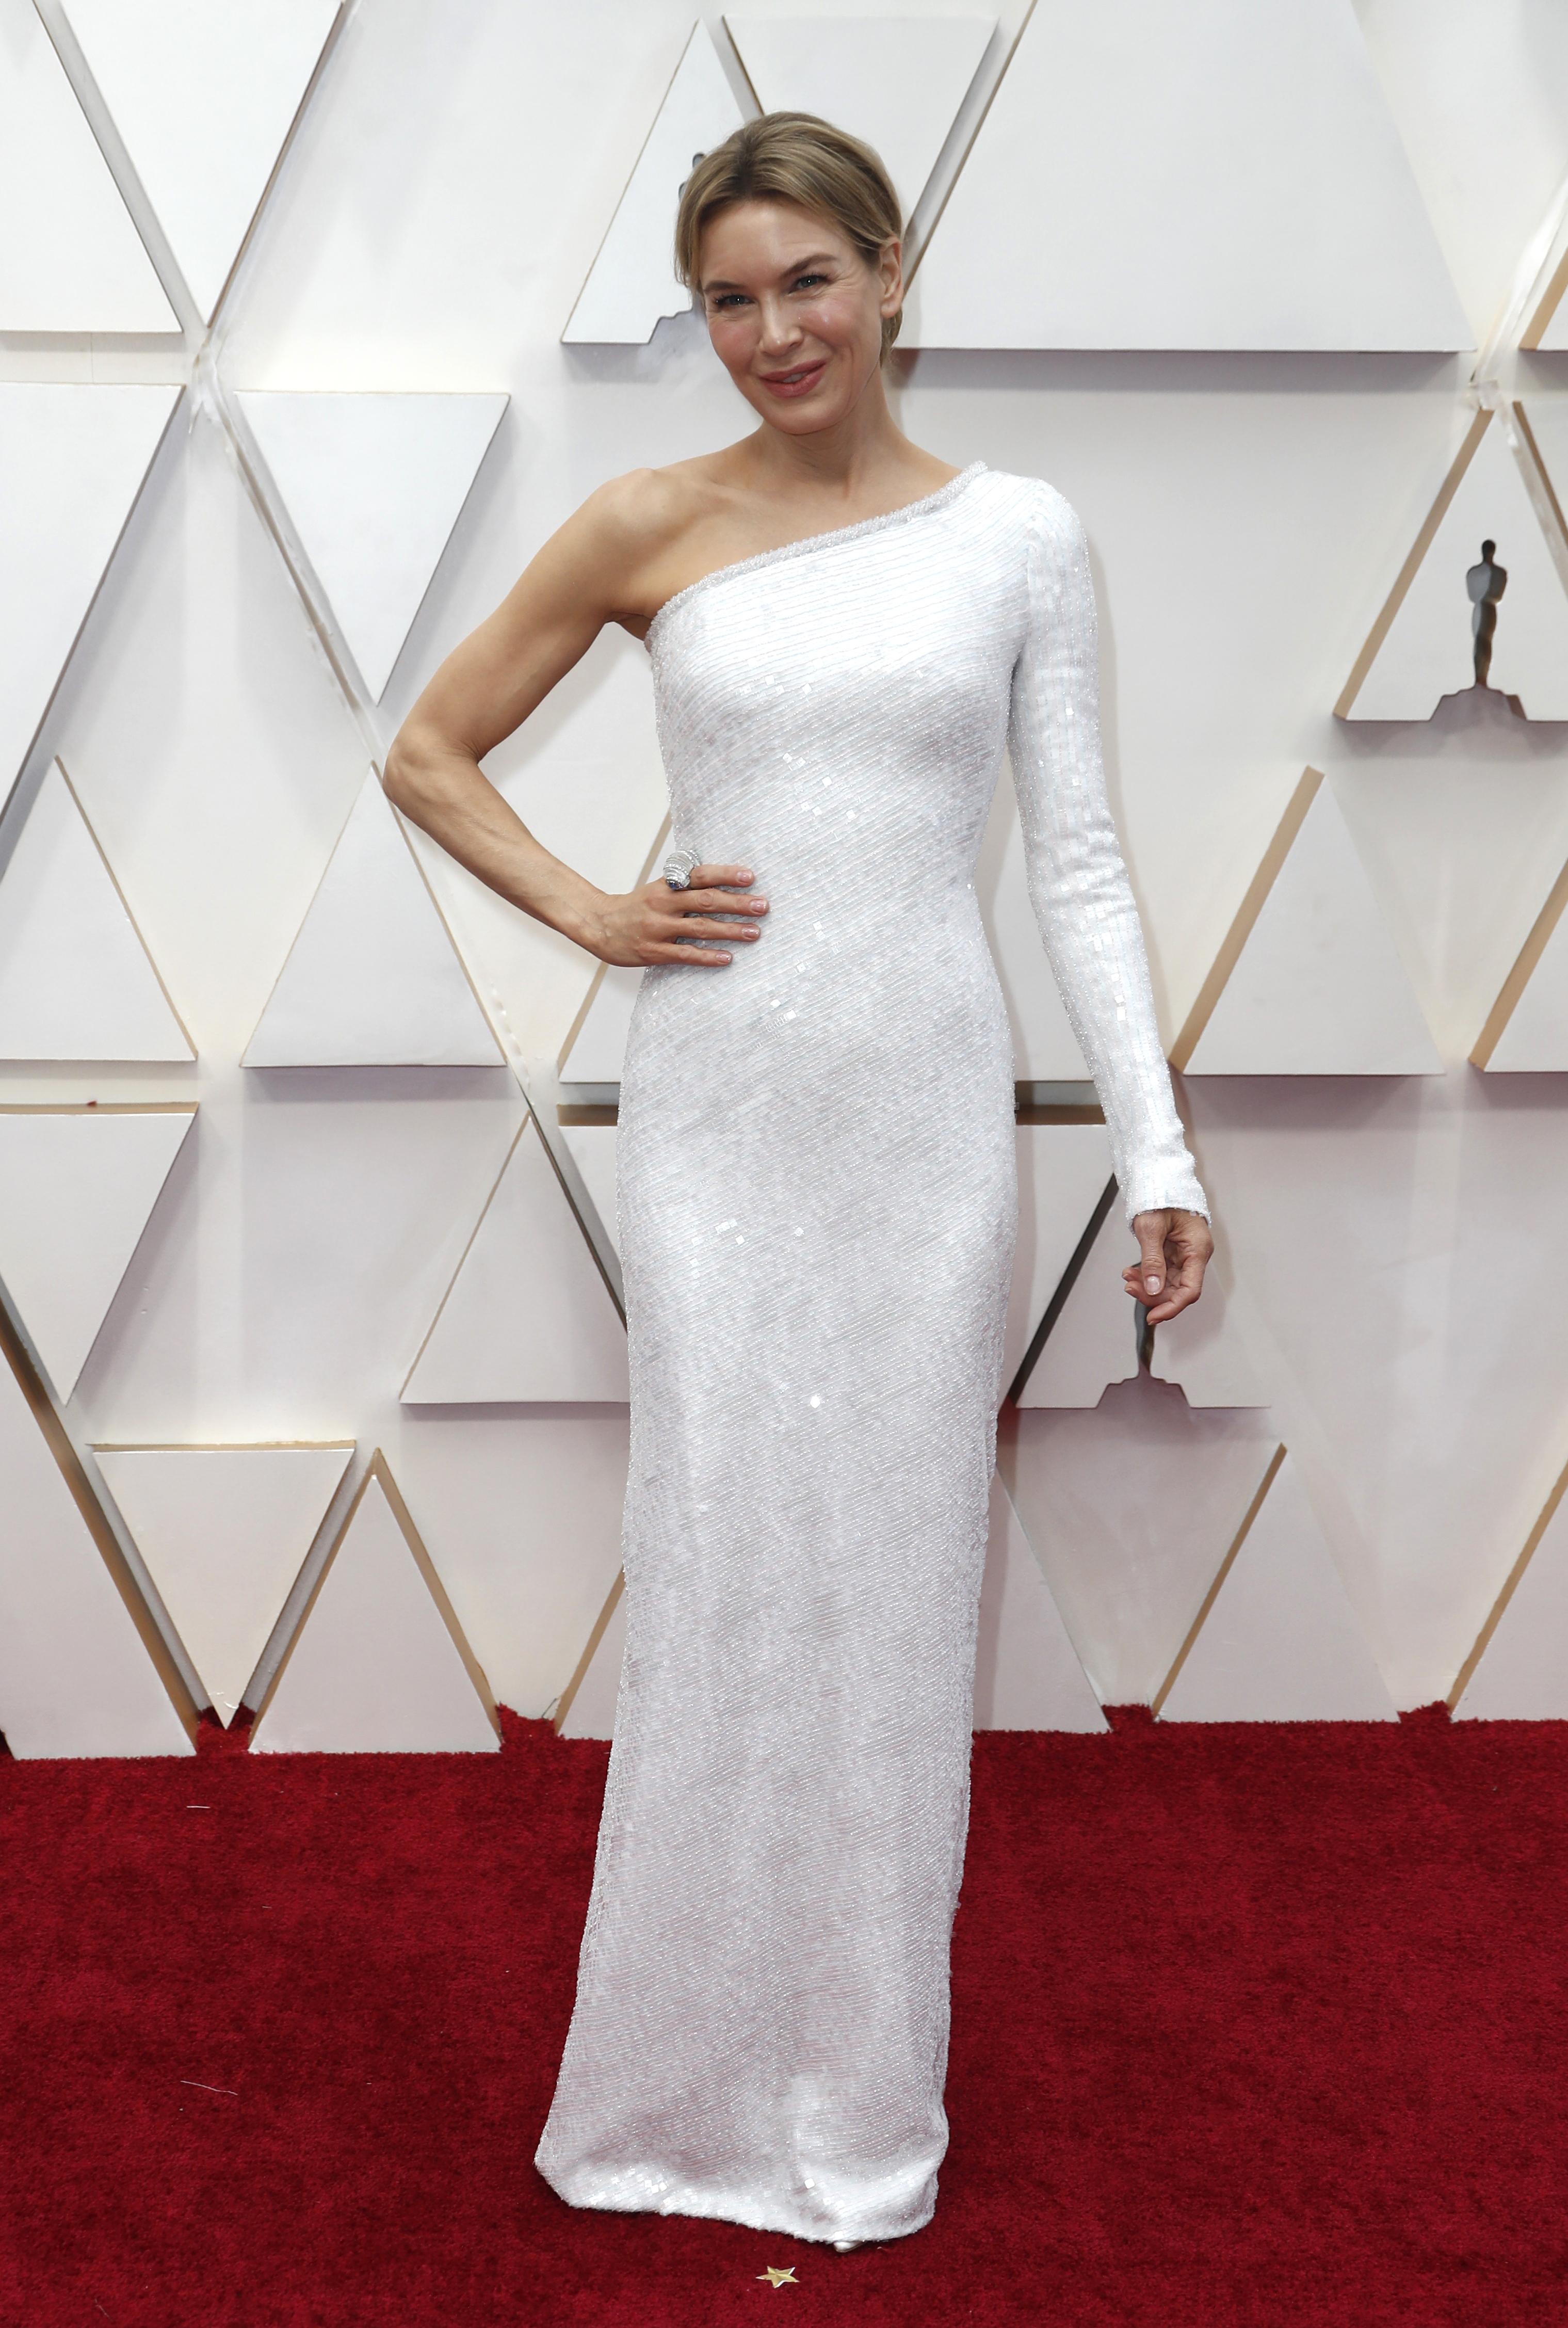 Renee Zellweger lució un vestido con una sola manga en blanco, de paillettes con silueta sirena. Completo su look con un anillo plateado y para su beauty look, optó por un peinado recogido y maquillaje al natural